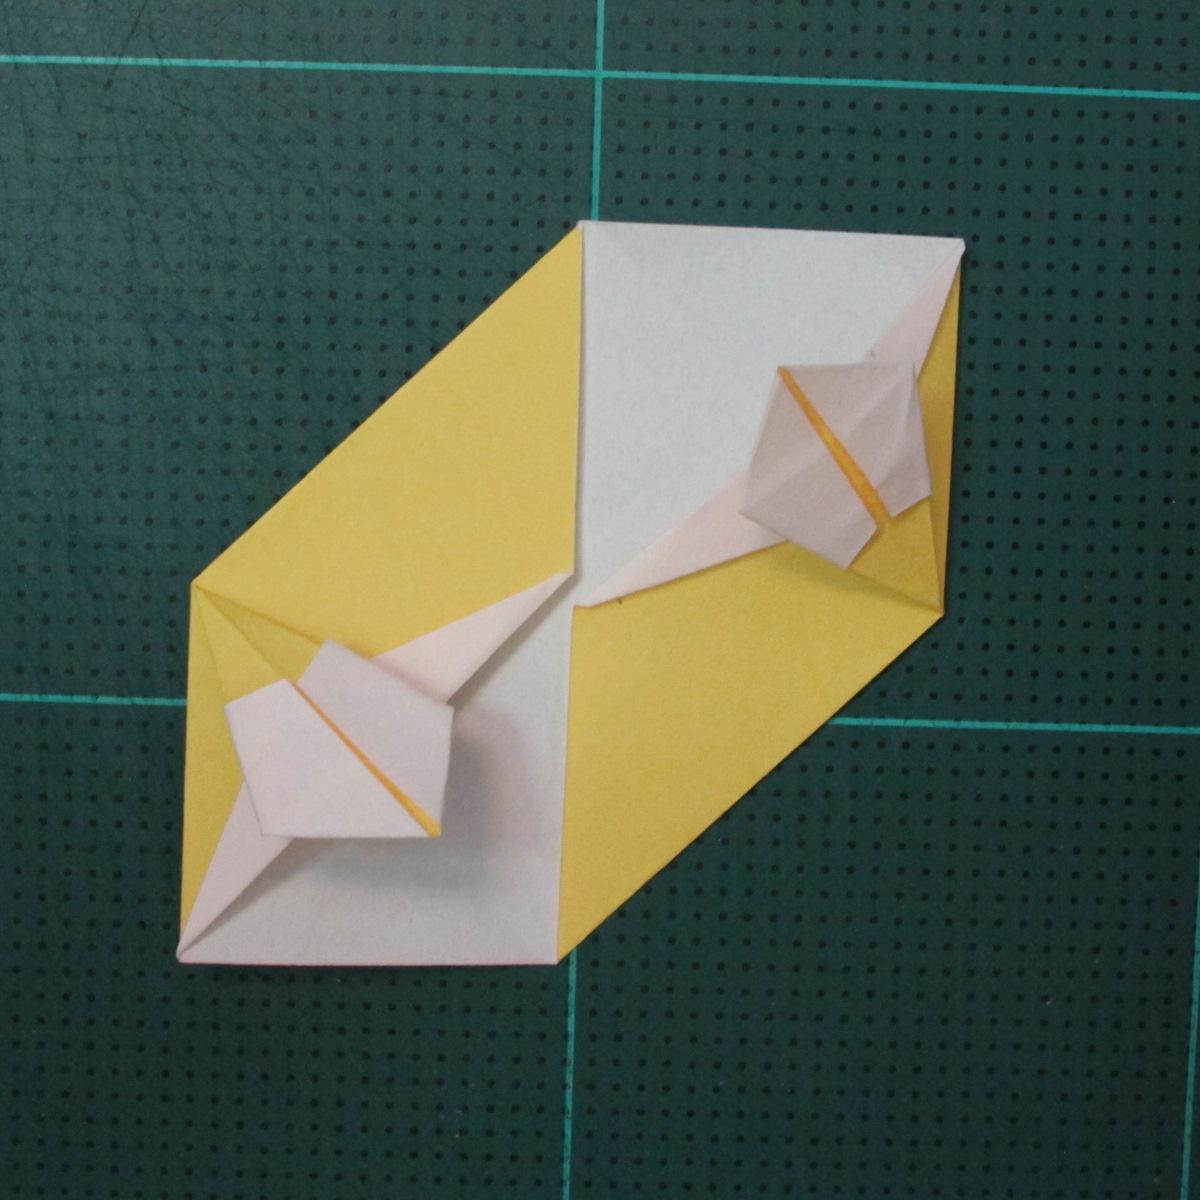 วิธีพับบอลกระดาษแบบเอสเตลล่าฟลอร์ (Estrella Flor Kusudama)010